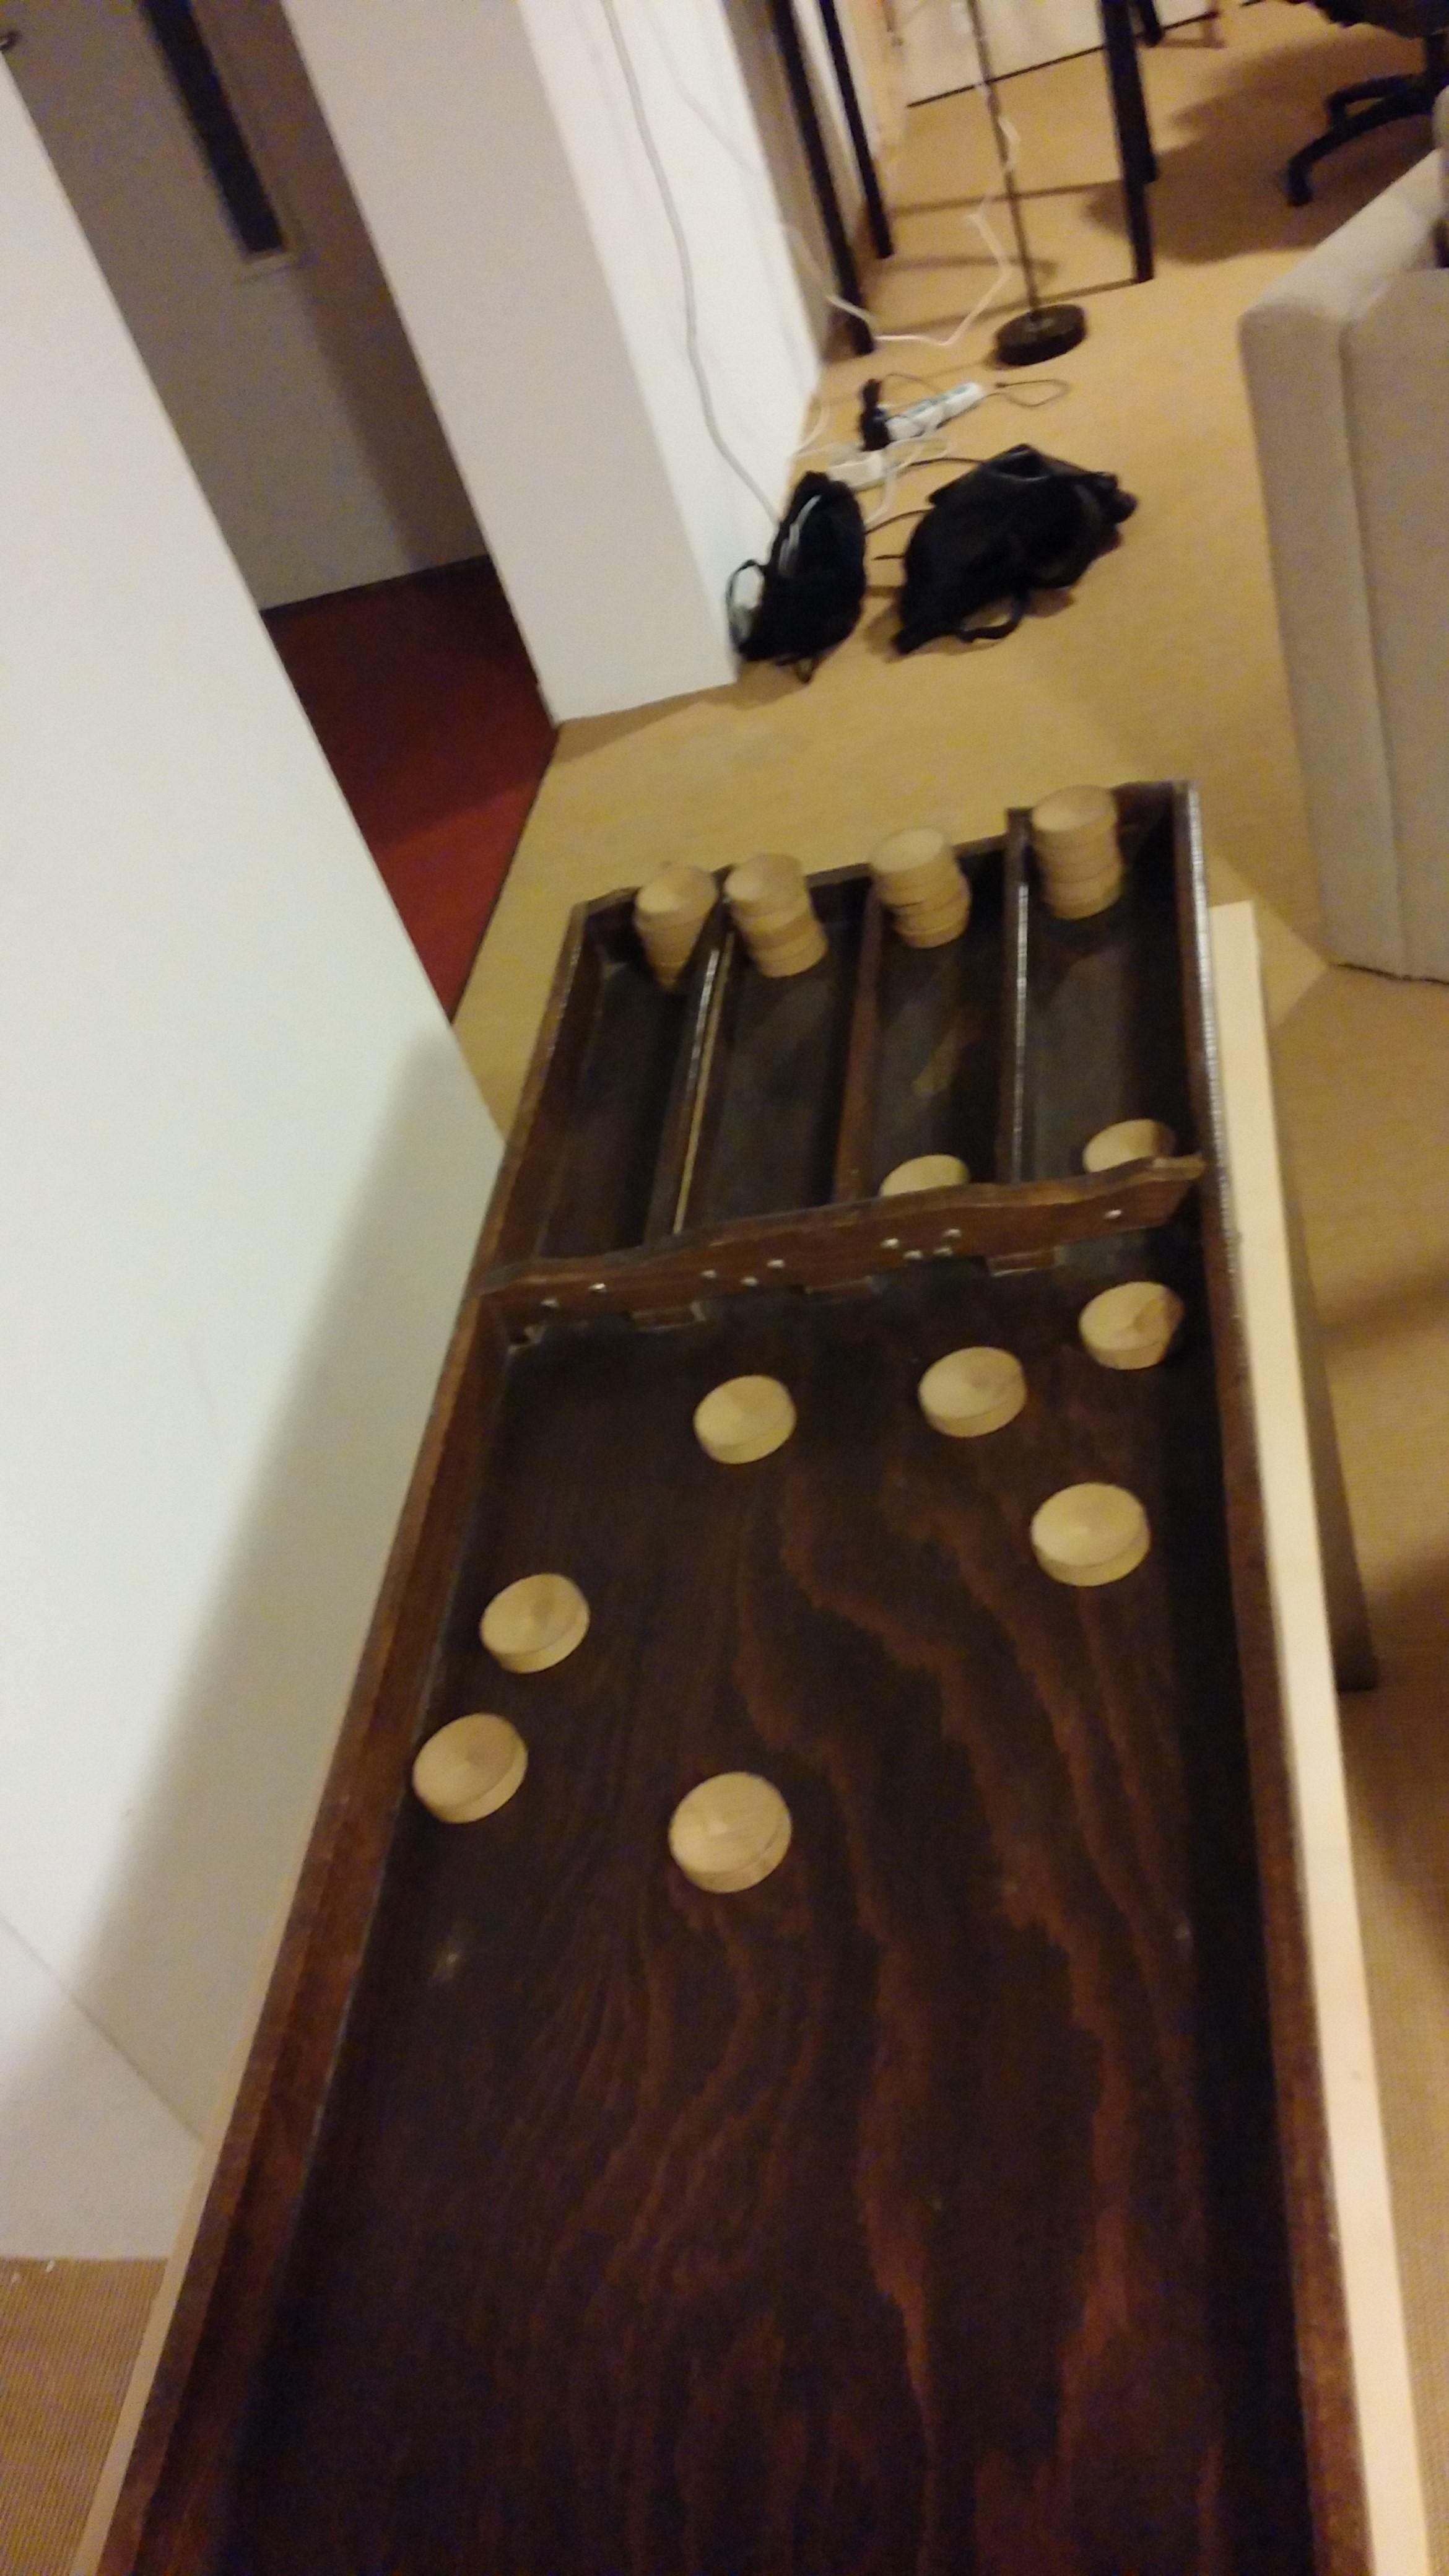 More shuffleboard